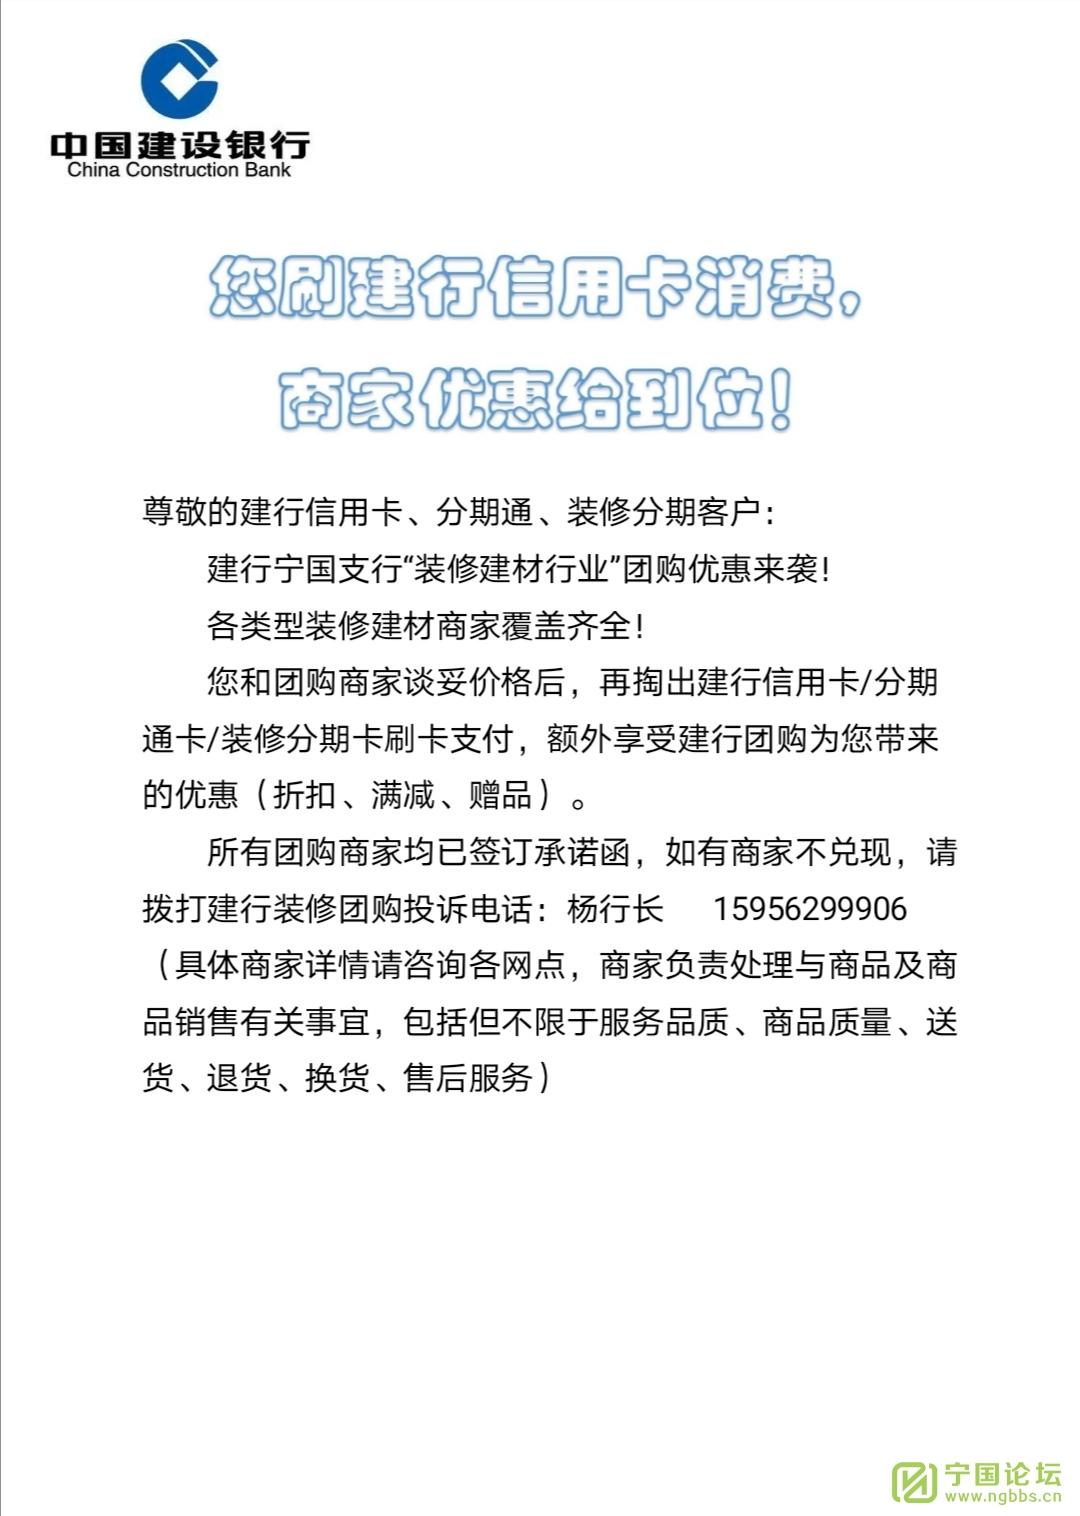 要装修找建行 建行宁国支行分期帮您忙 - 宁国论坛 - 270.jpg